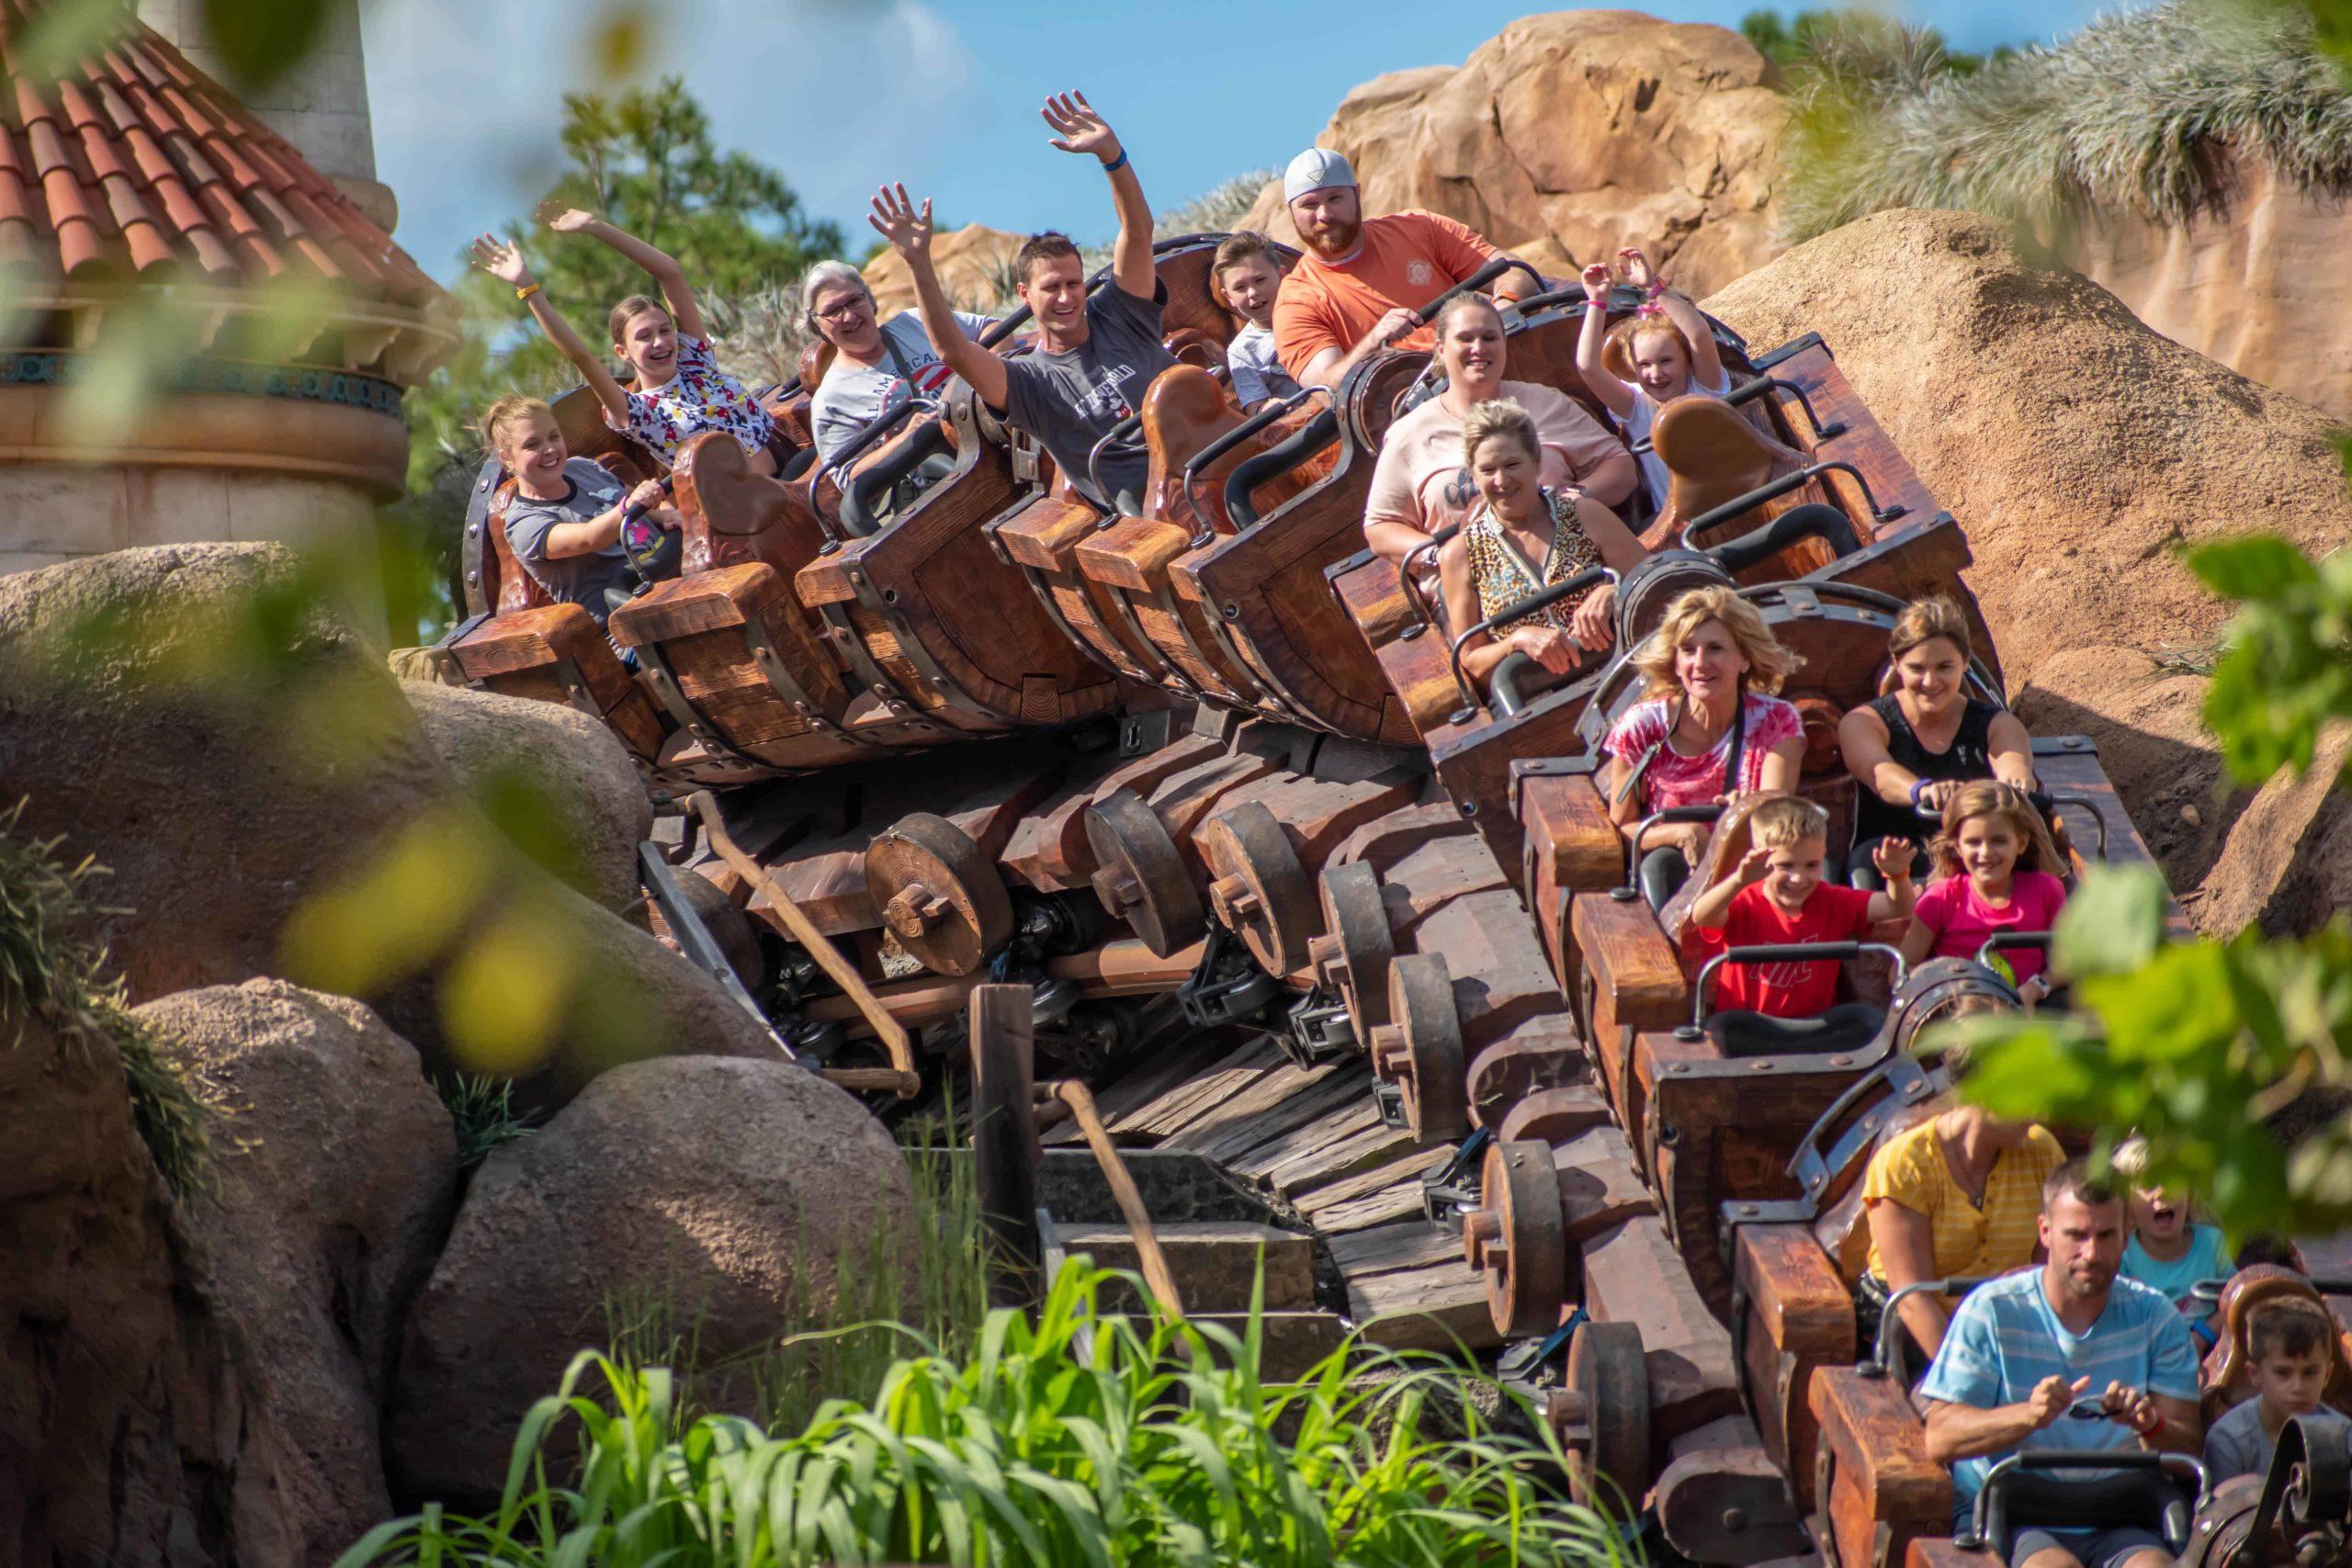 Top 20 Best Disney Park Attractions